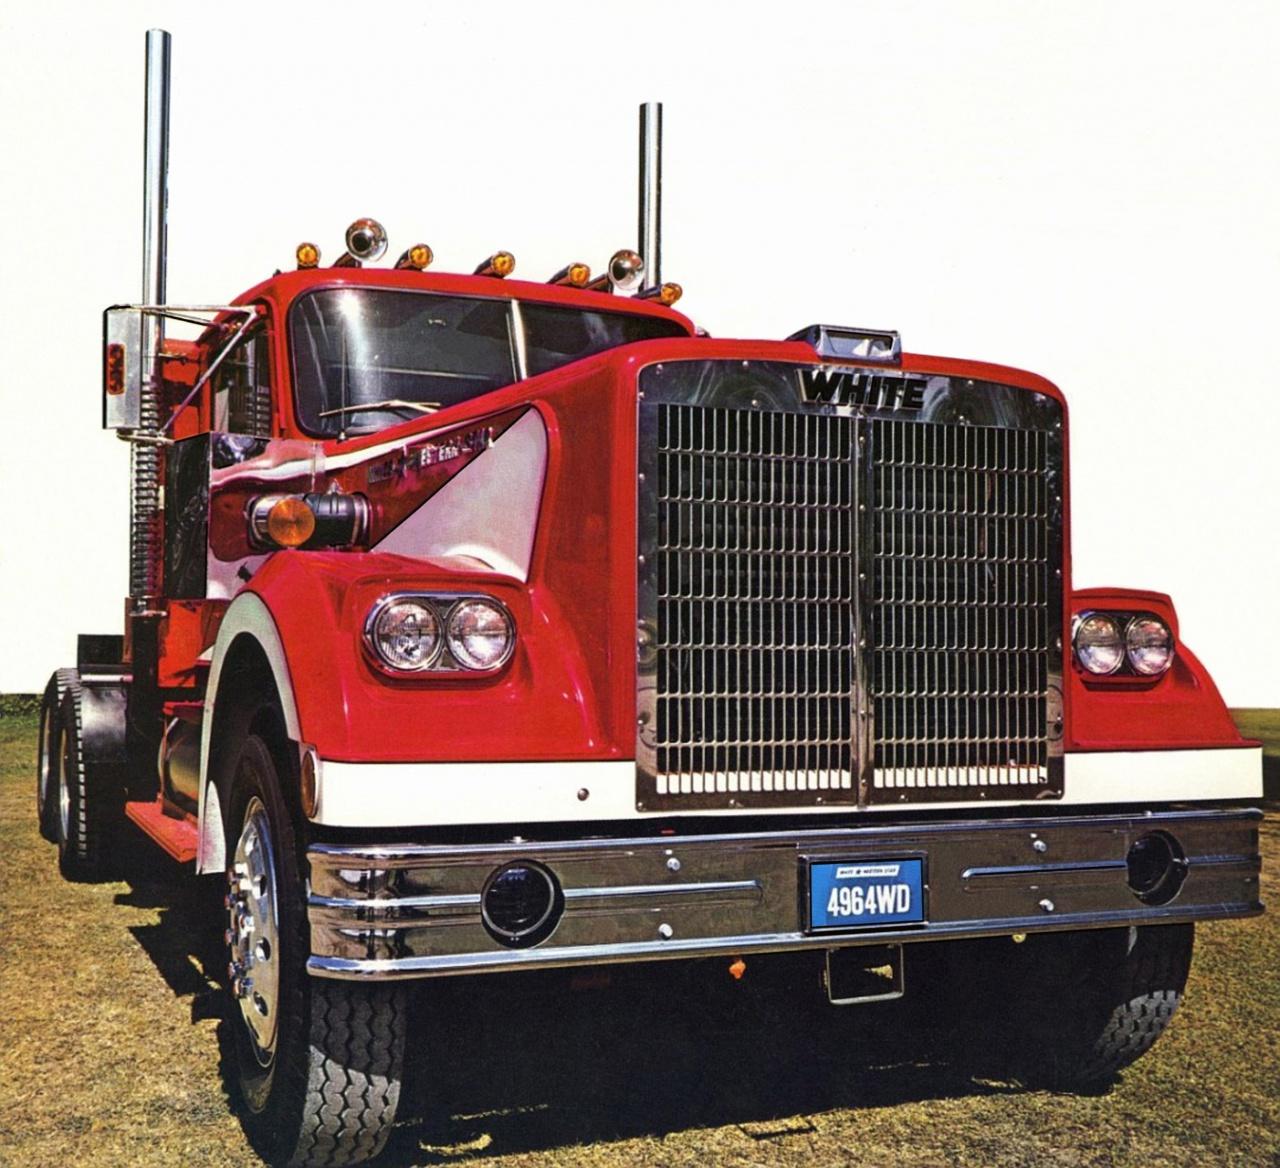 Первая модернизация семейства White-Western Star состоялась в 1971 году, доказательством чего стала модель 4964 WD.jpg